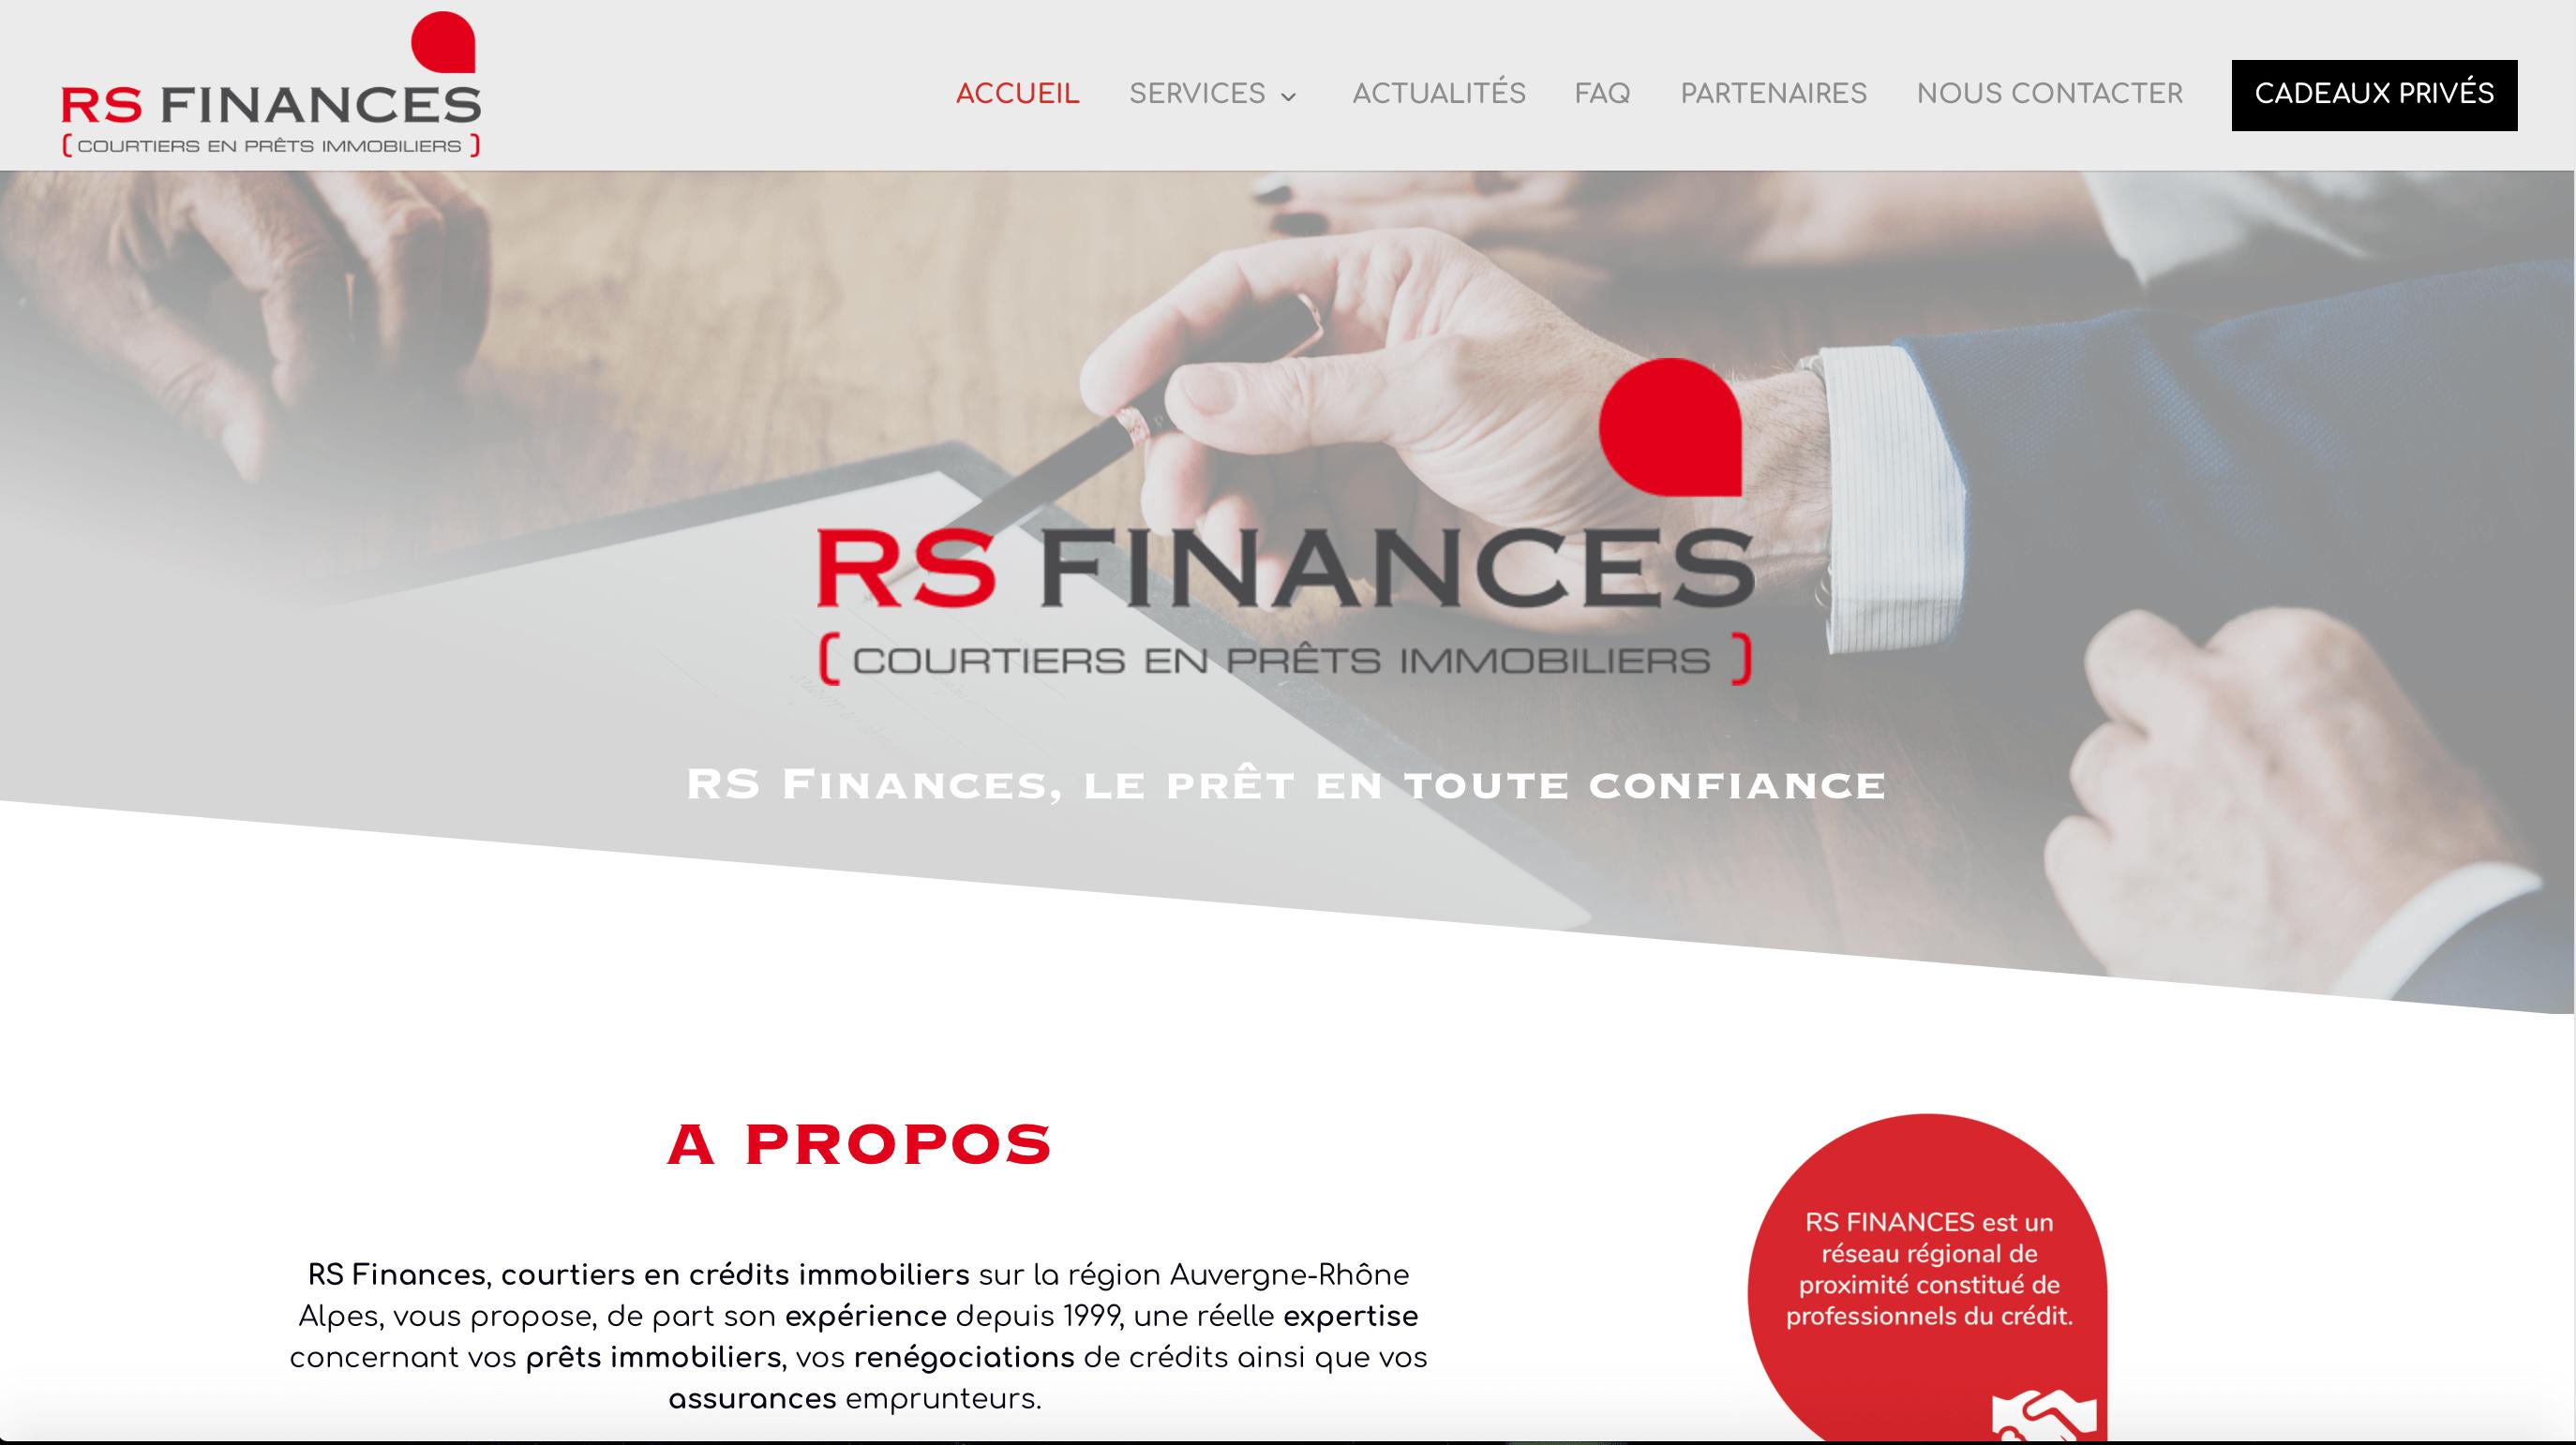 Nouveaux site internet : RS Finances